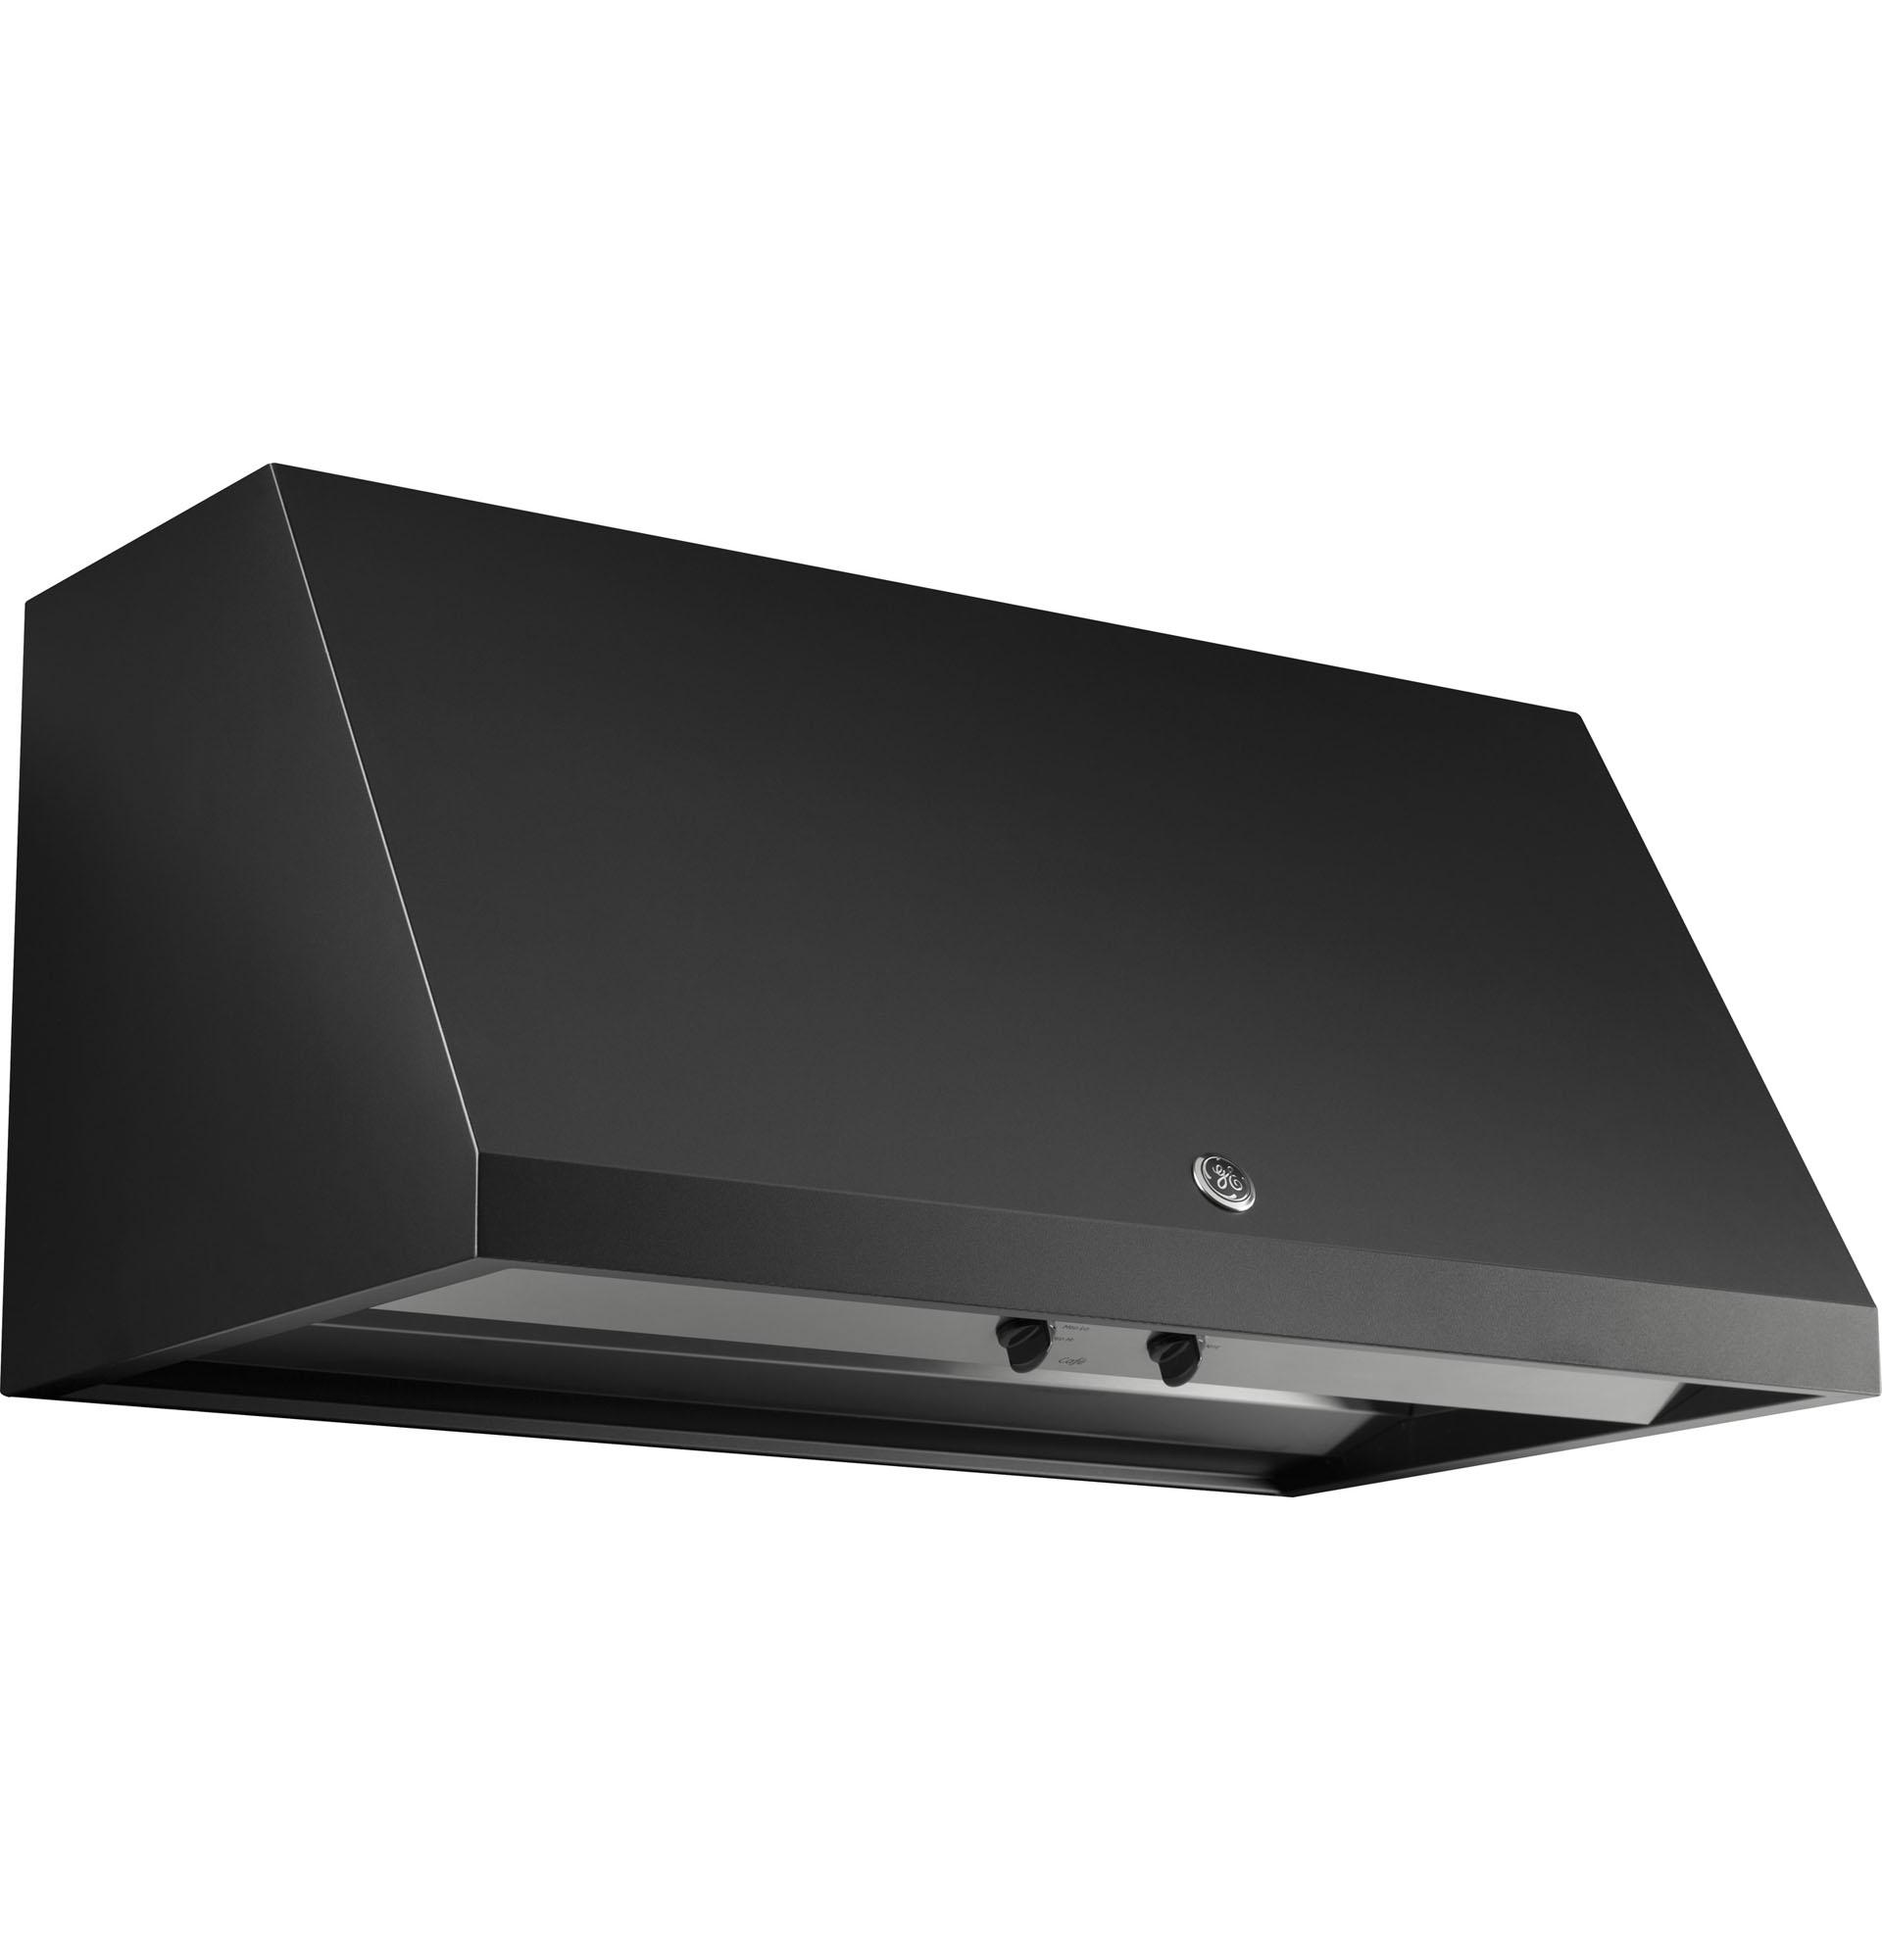 GE Cafe Series CV936EKDS 30 Designer Range Hood Black Slate